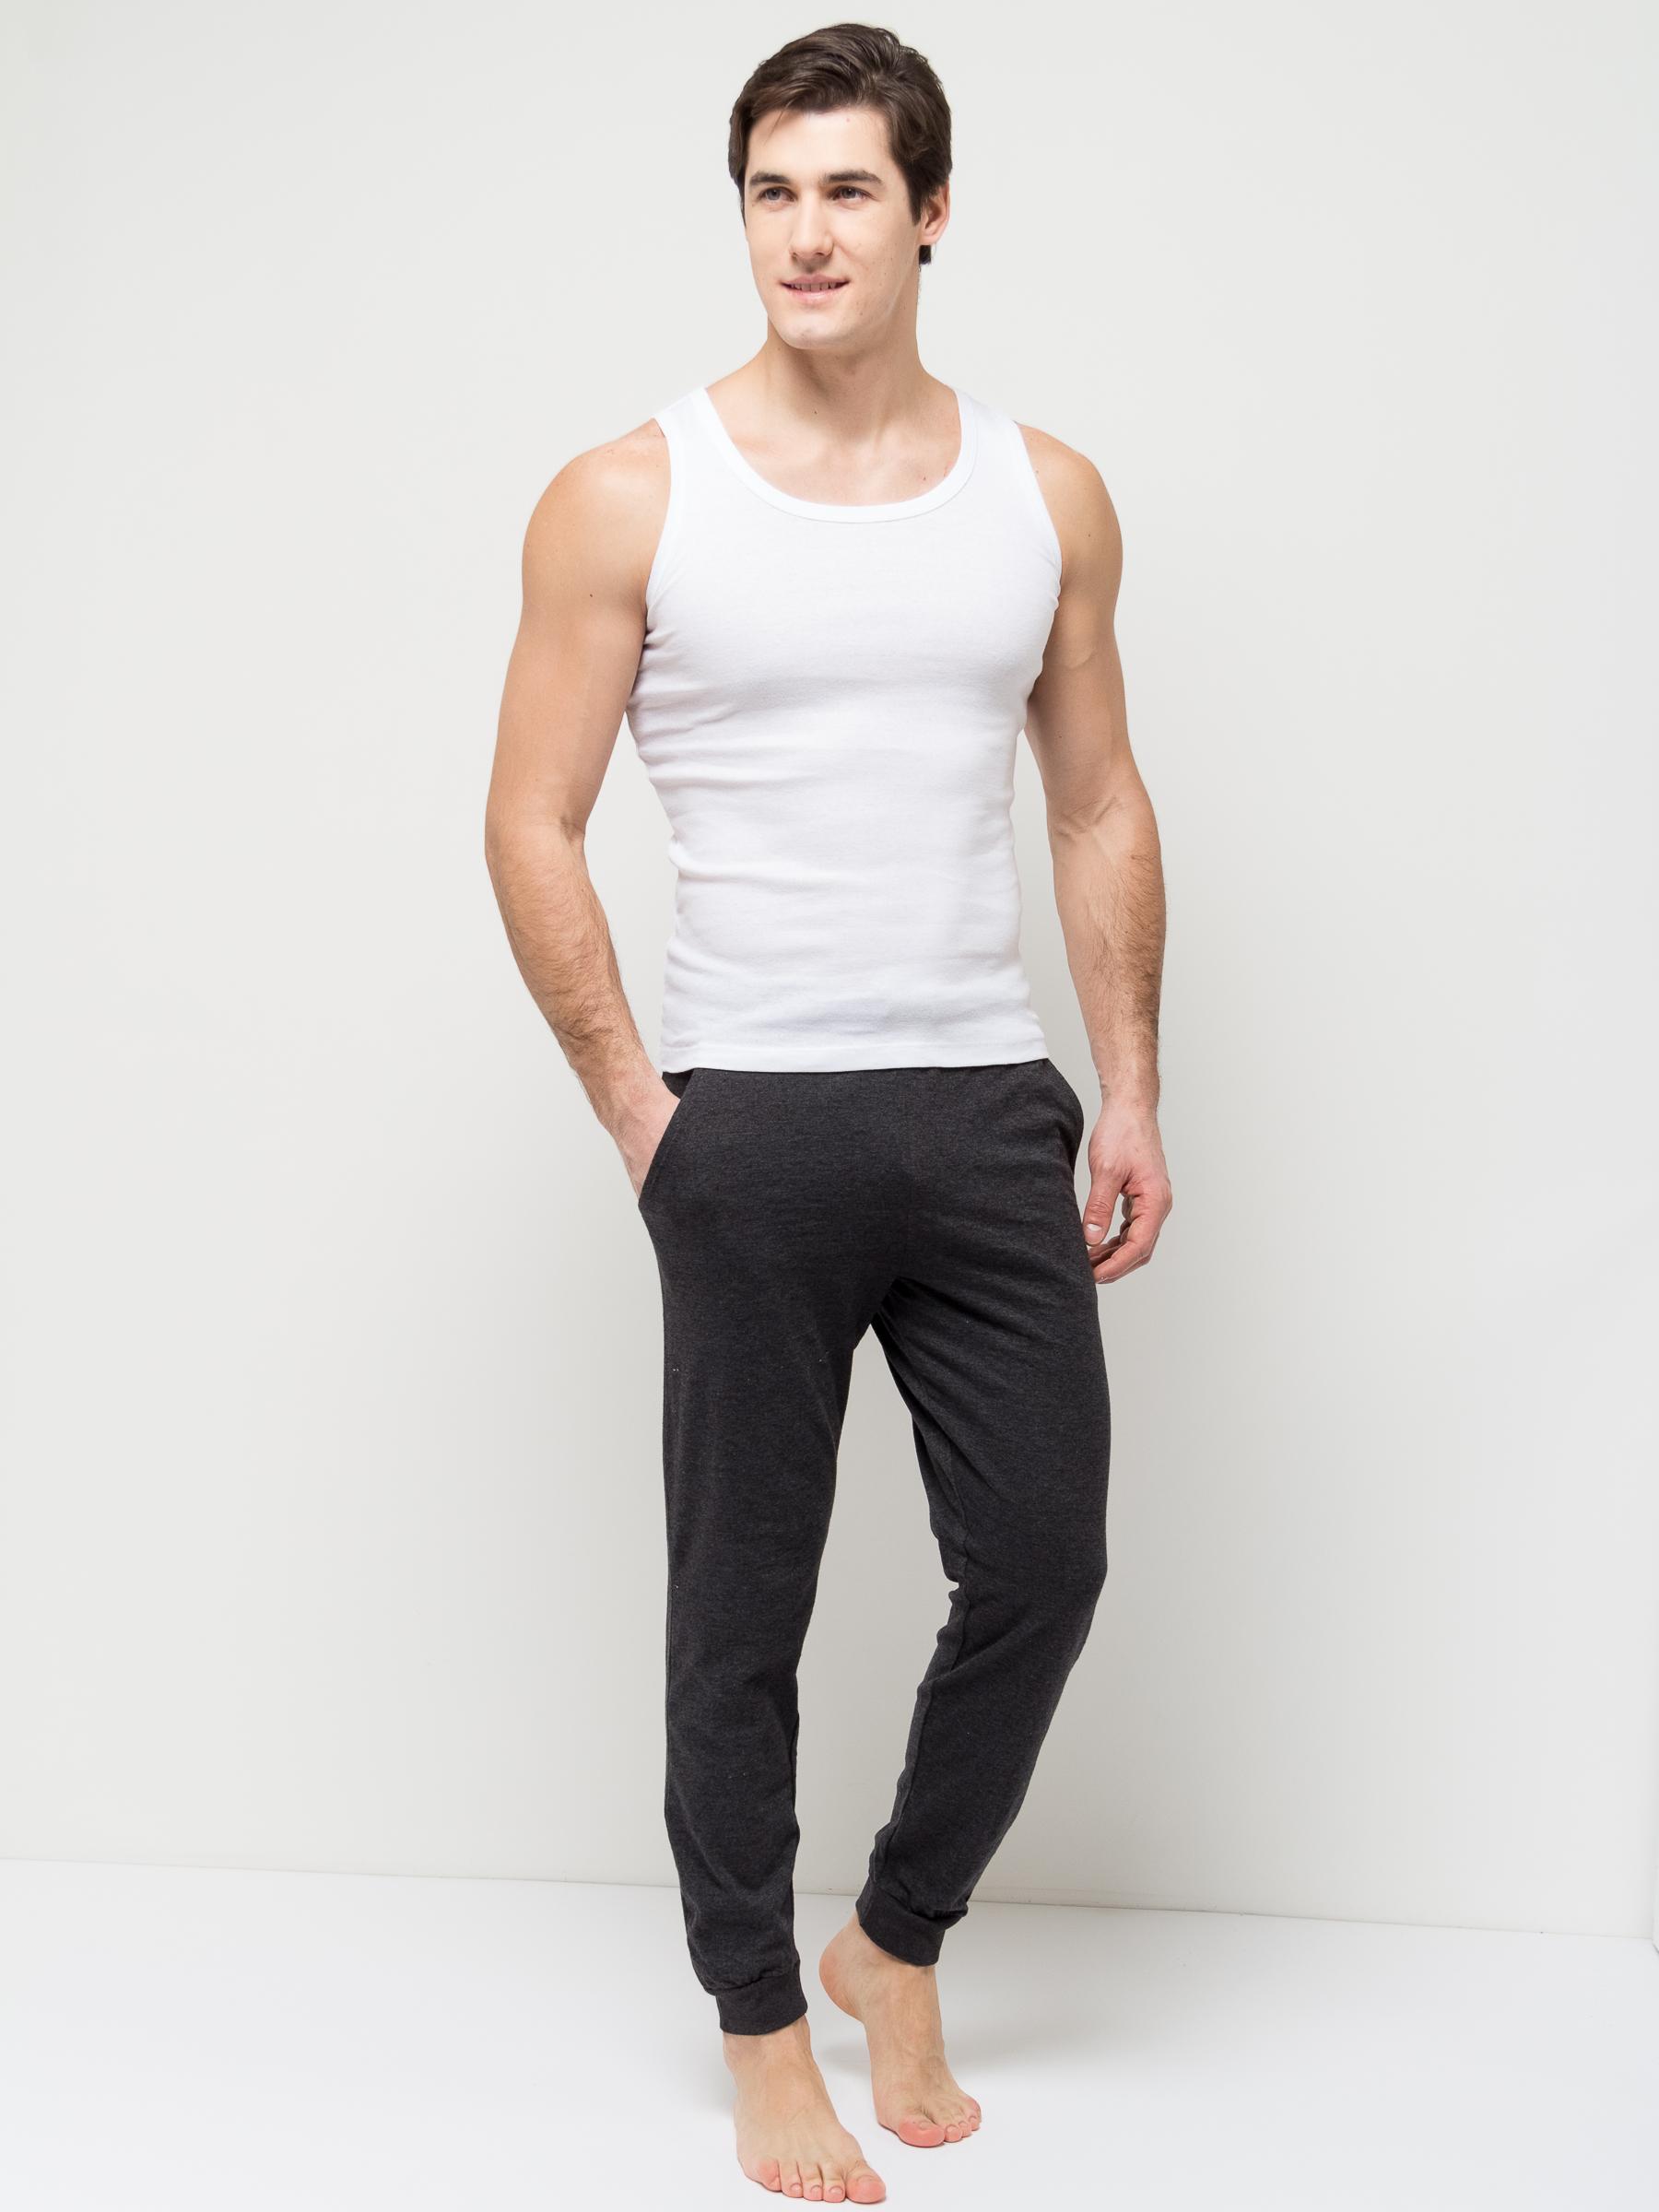 Брюки домашние мужские Sela, цвет: черный меланж. PH-265/008-7101. Размер M (48)PH-265/008-7101Удобные домашние брюки для мужчин Sela выполнены из качественного хлопкового материала. Брюки полуприлегающего кроя и стандартной посадки на талии имеют широкий пояс на мягкой резинке, дополнительно регулируемый шнурком. Низ брючин дополнен мягкими трикотажными манжетами. Модель дополнена двумя втачными карманами спереди и накладным карманом сзади.